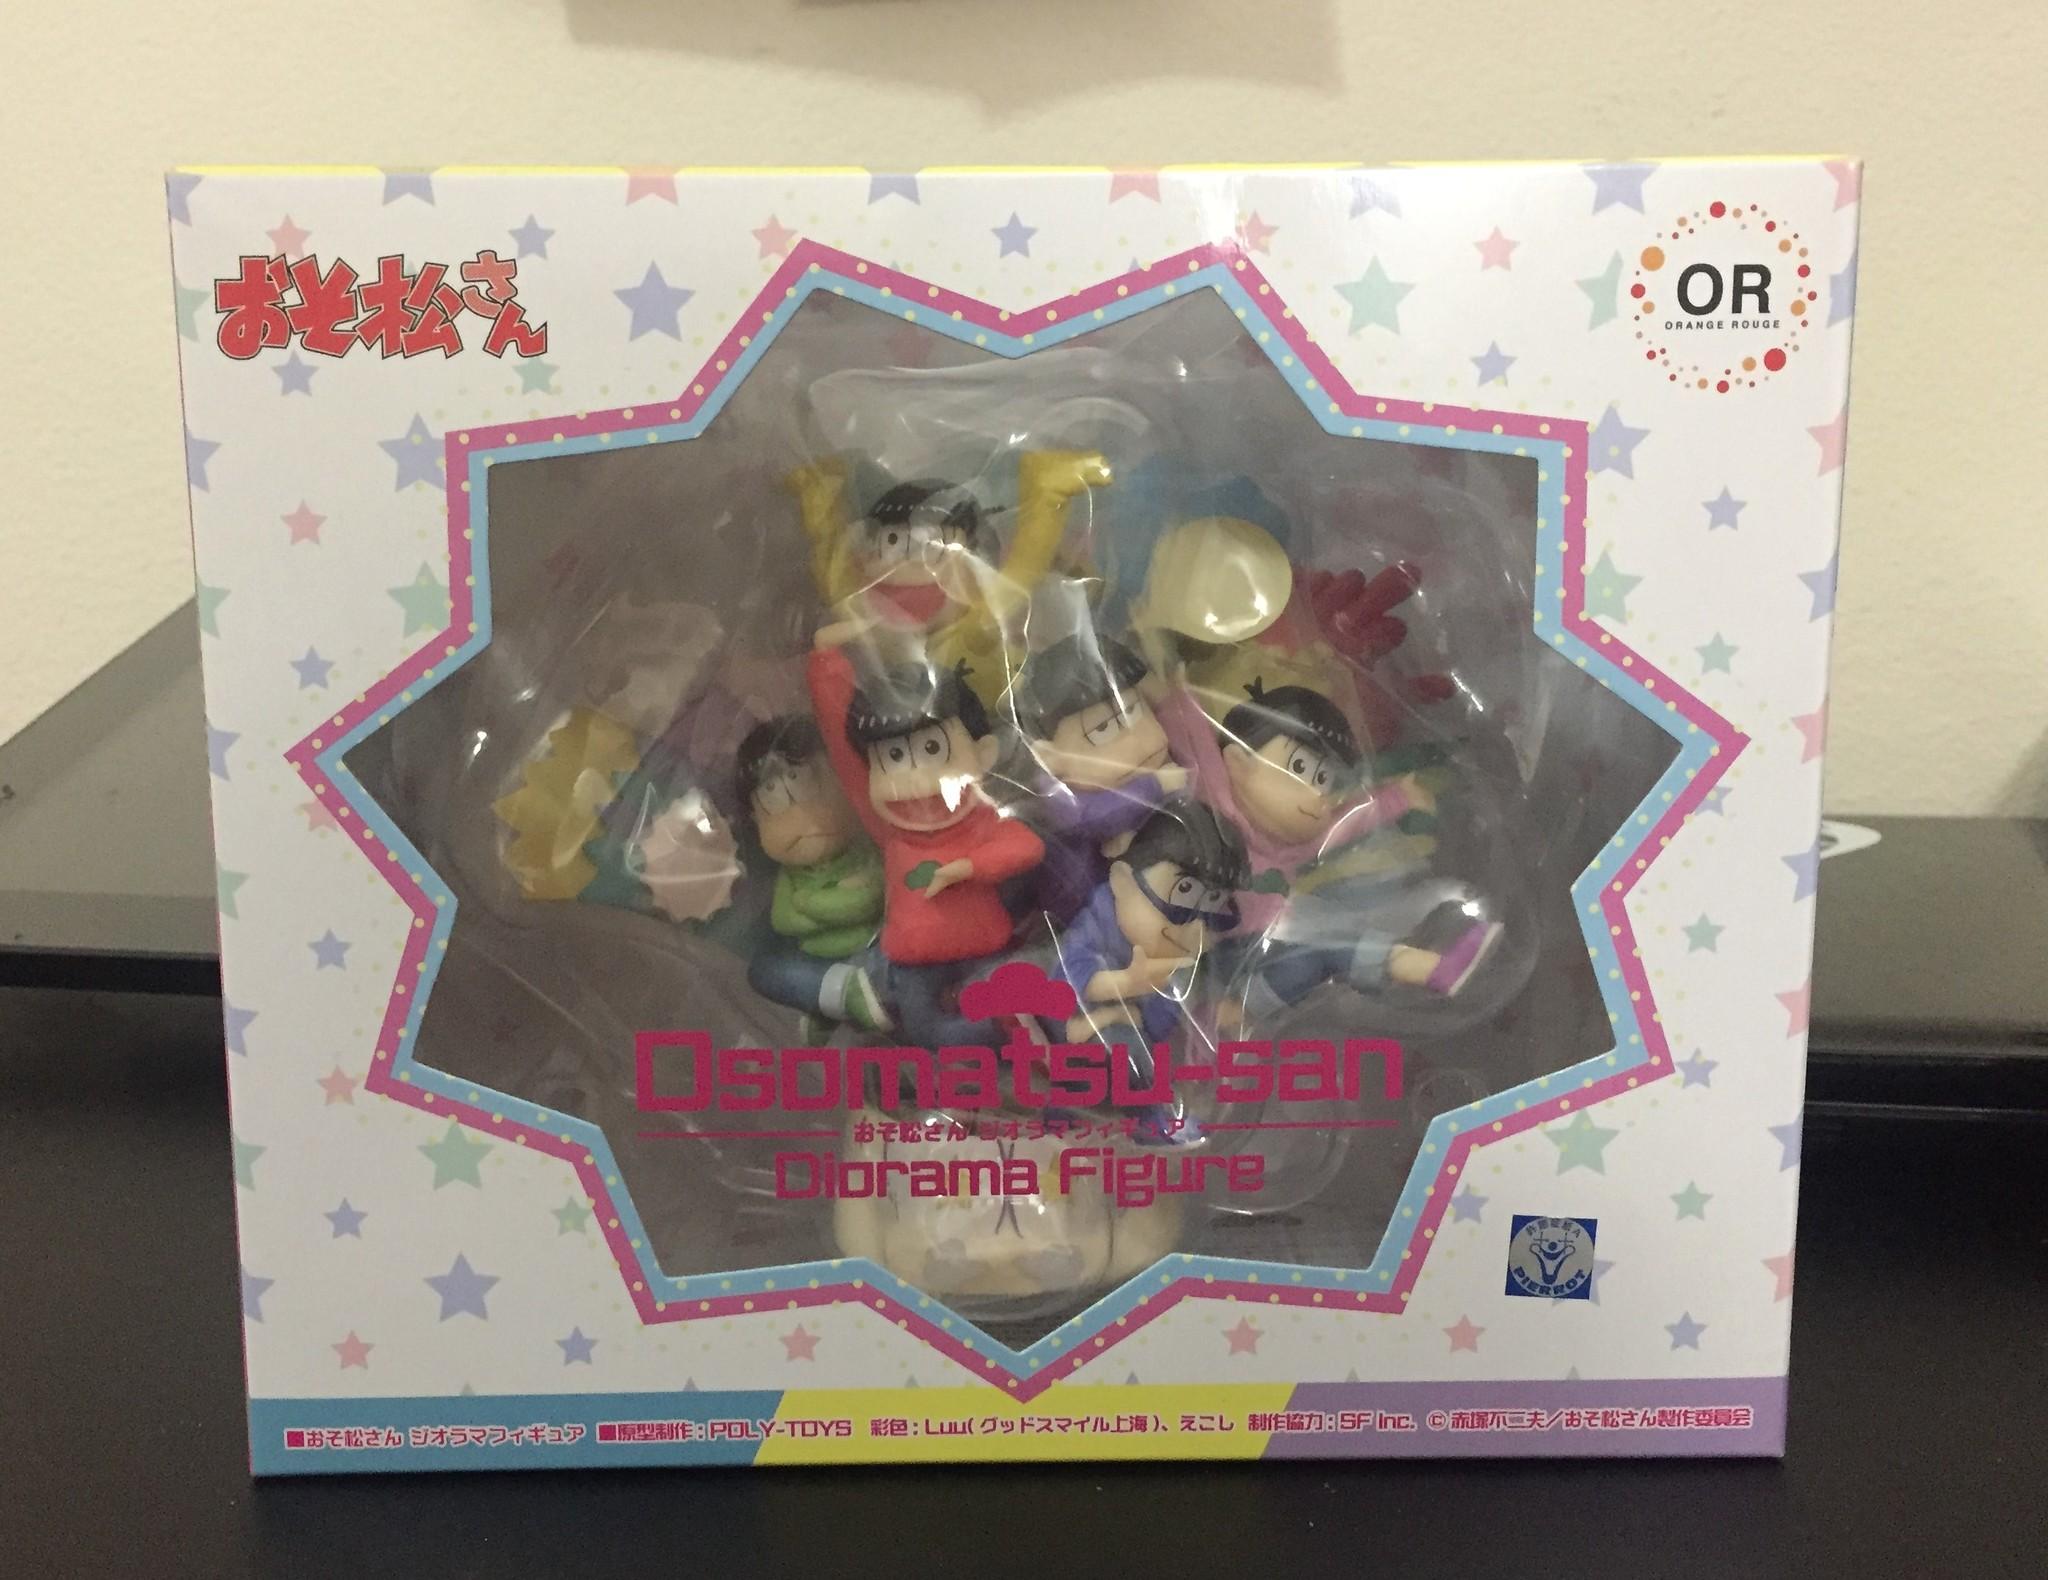 poly-toys orange_rouge osomatsu-san matsuno_todomatsu matsuno_ichimatsu matsuno_karamatsu matsuno_osomatsu matsuno_choromatsu akatsuka_fujio matsuno_jyushimatsu luu ekoshi